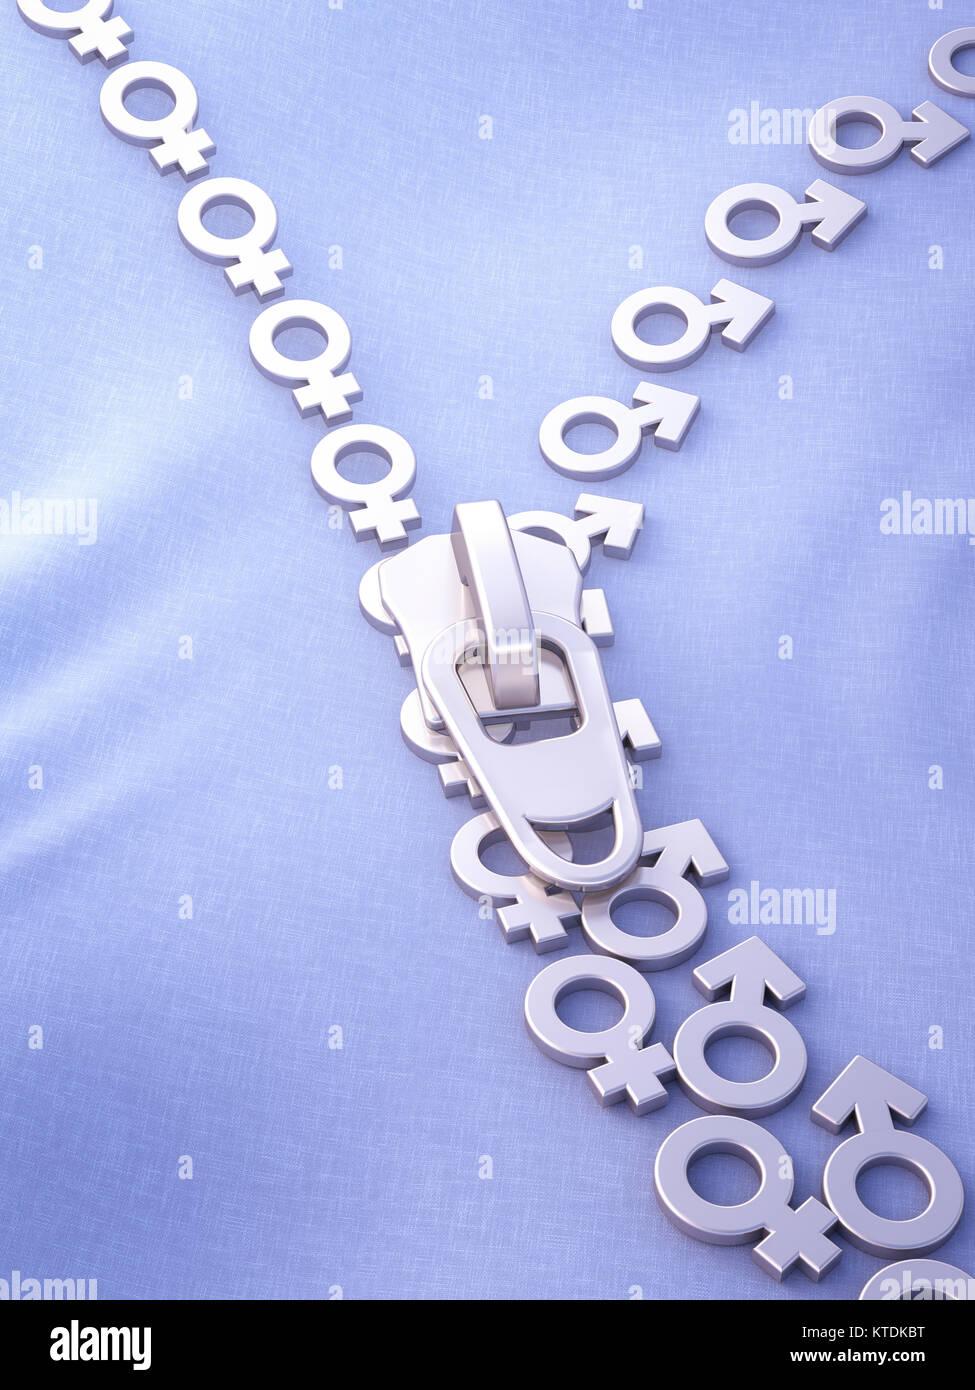 3D'illustrazione, zipper, maschi e femmine di simboli Immagini Stock